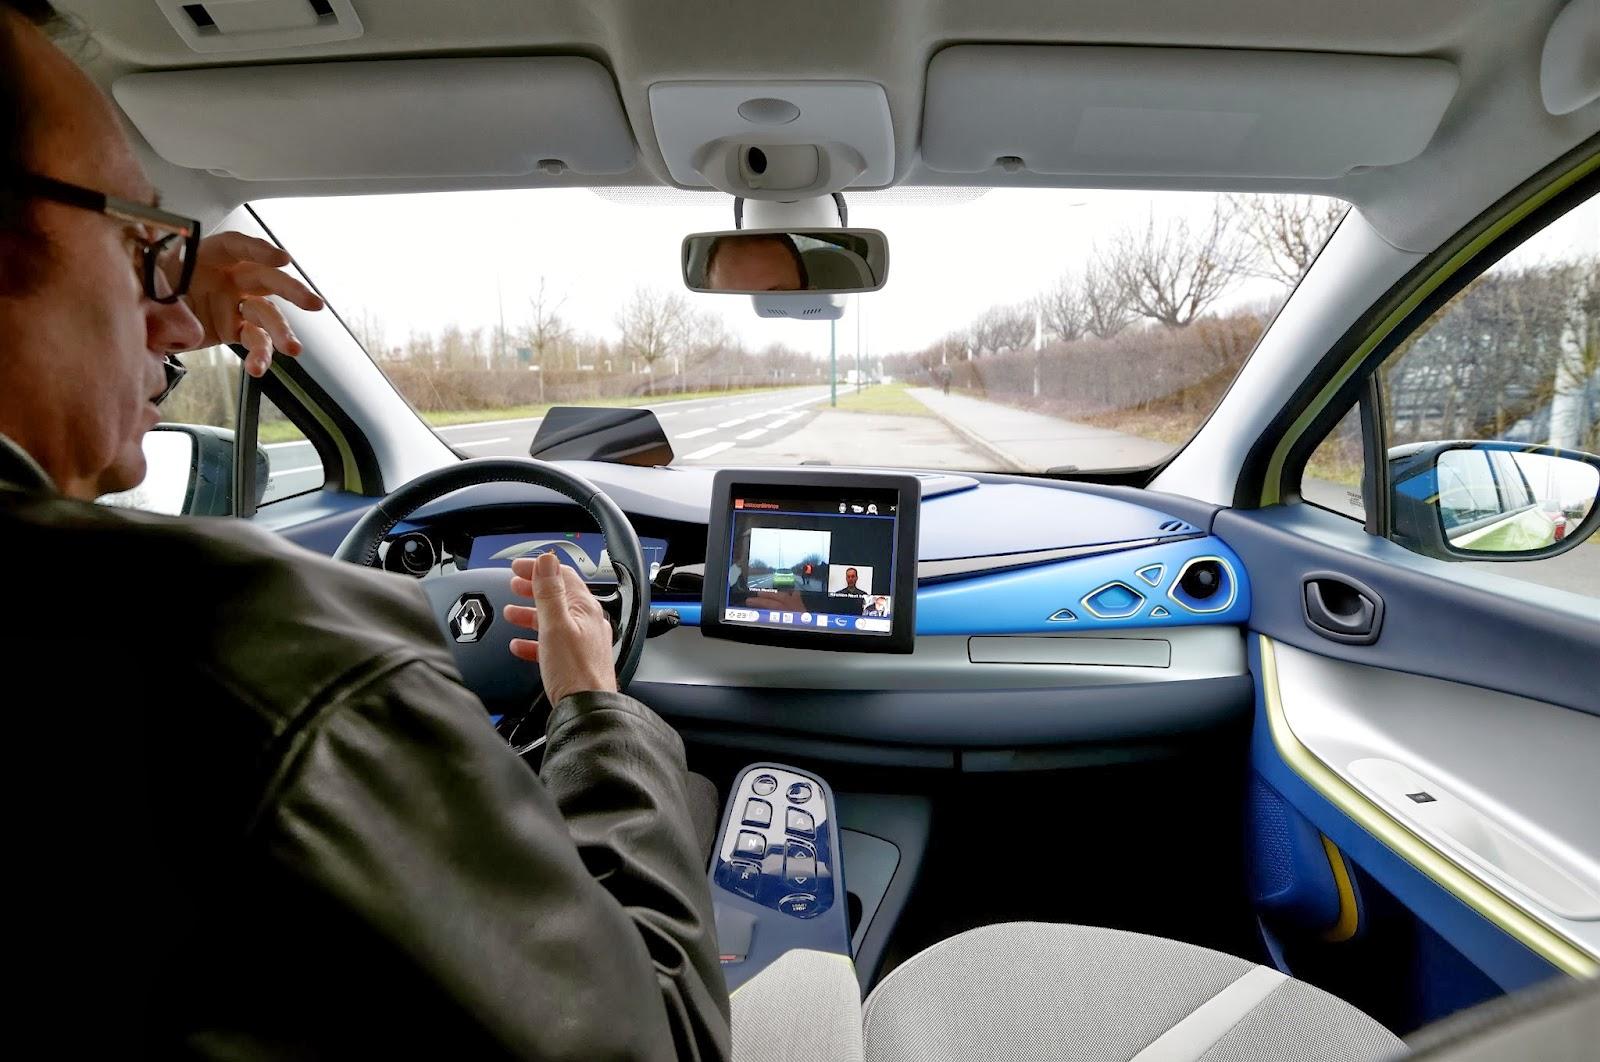 voiture du futur renault next two une approche abordable de la voiture connect e et autonome. Black Bedroom Furniture Sets. Home Design Ideas